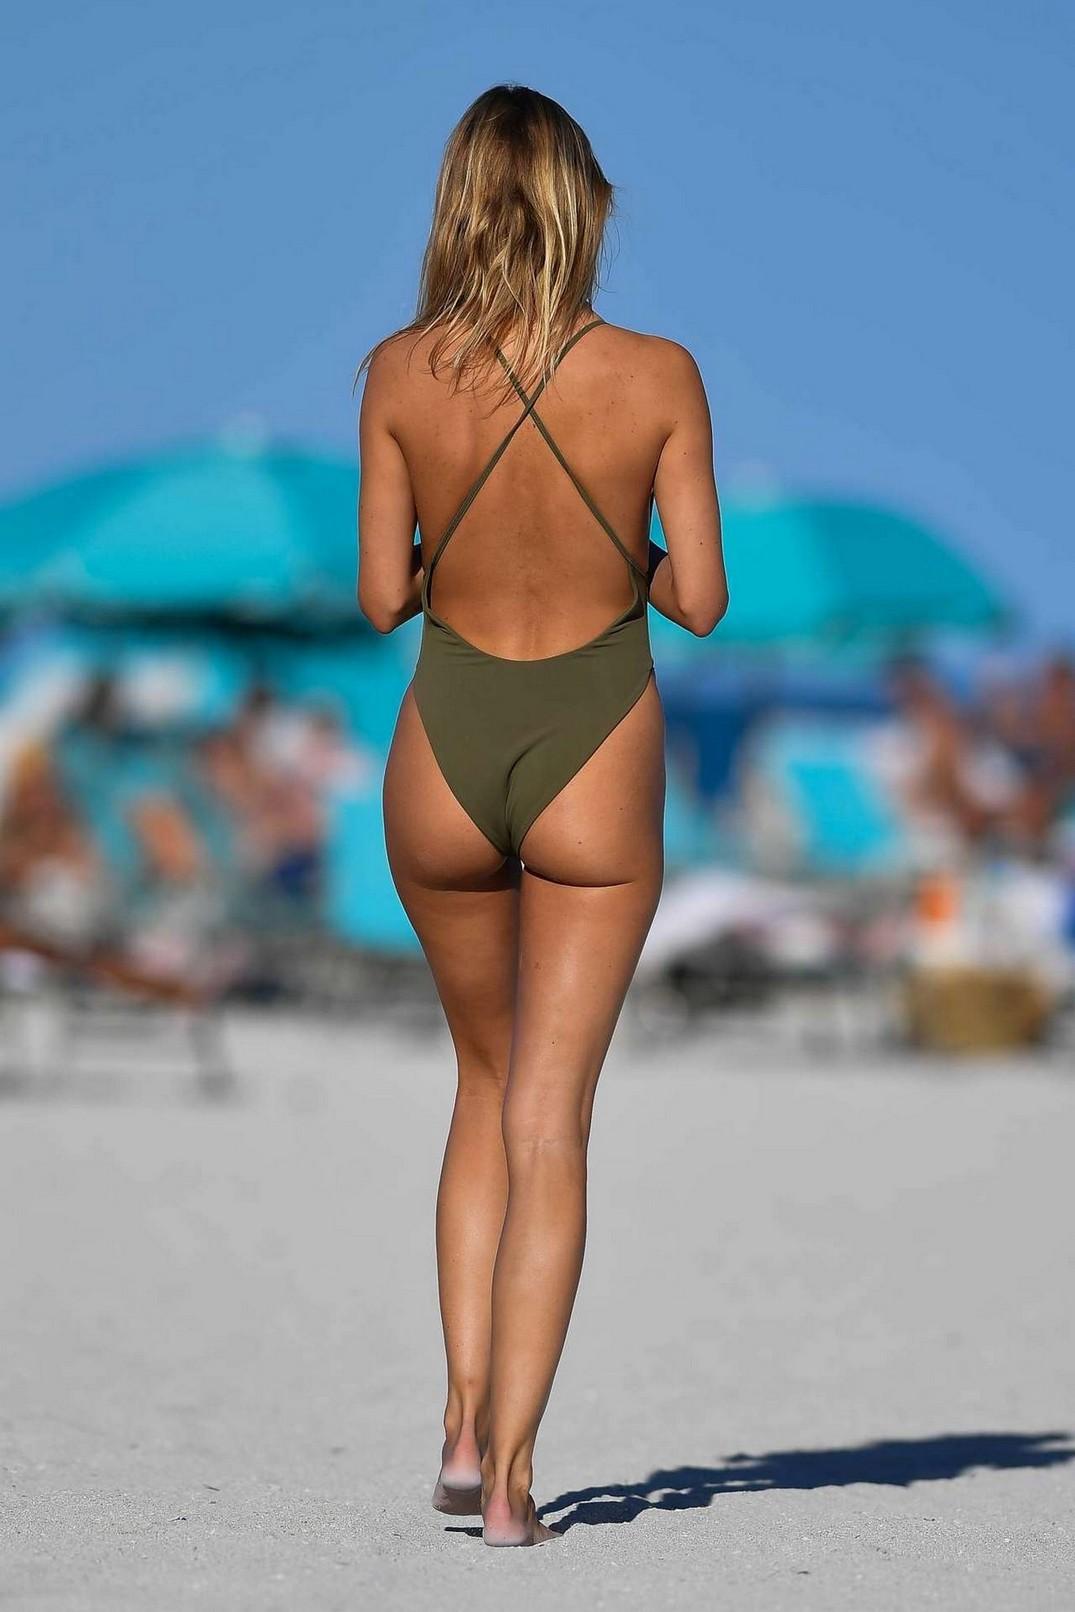 Kimberly Garner Ass In A Bikini